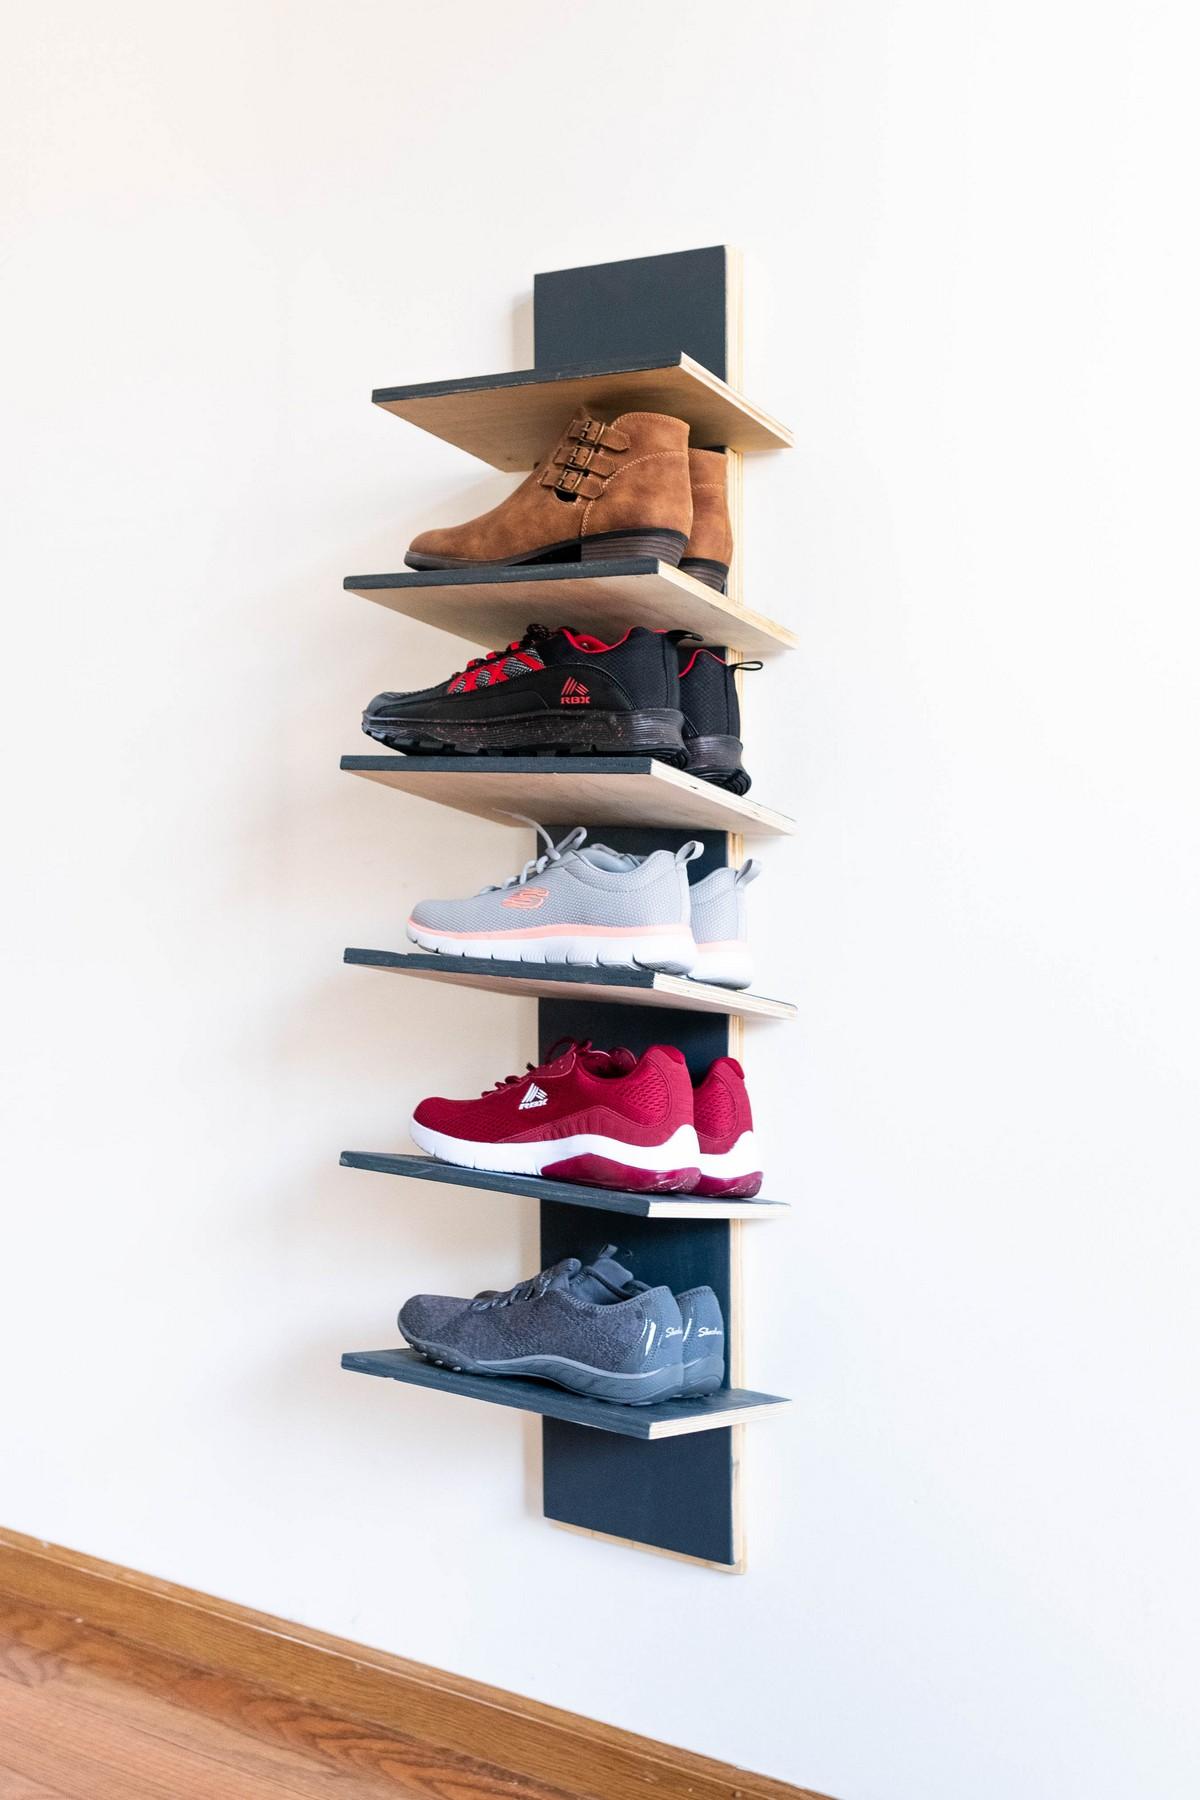 DIY Vertical Shoe Rack with Adjustable Shelves